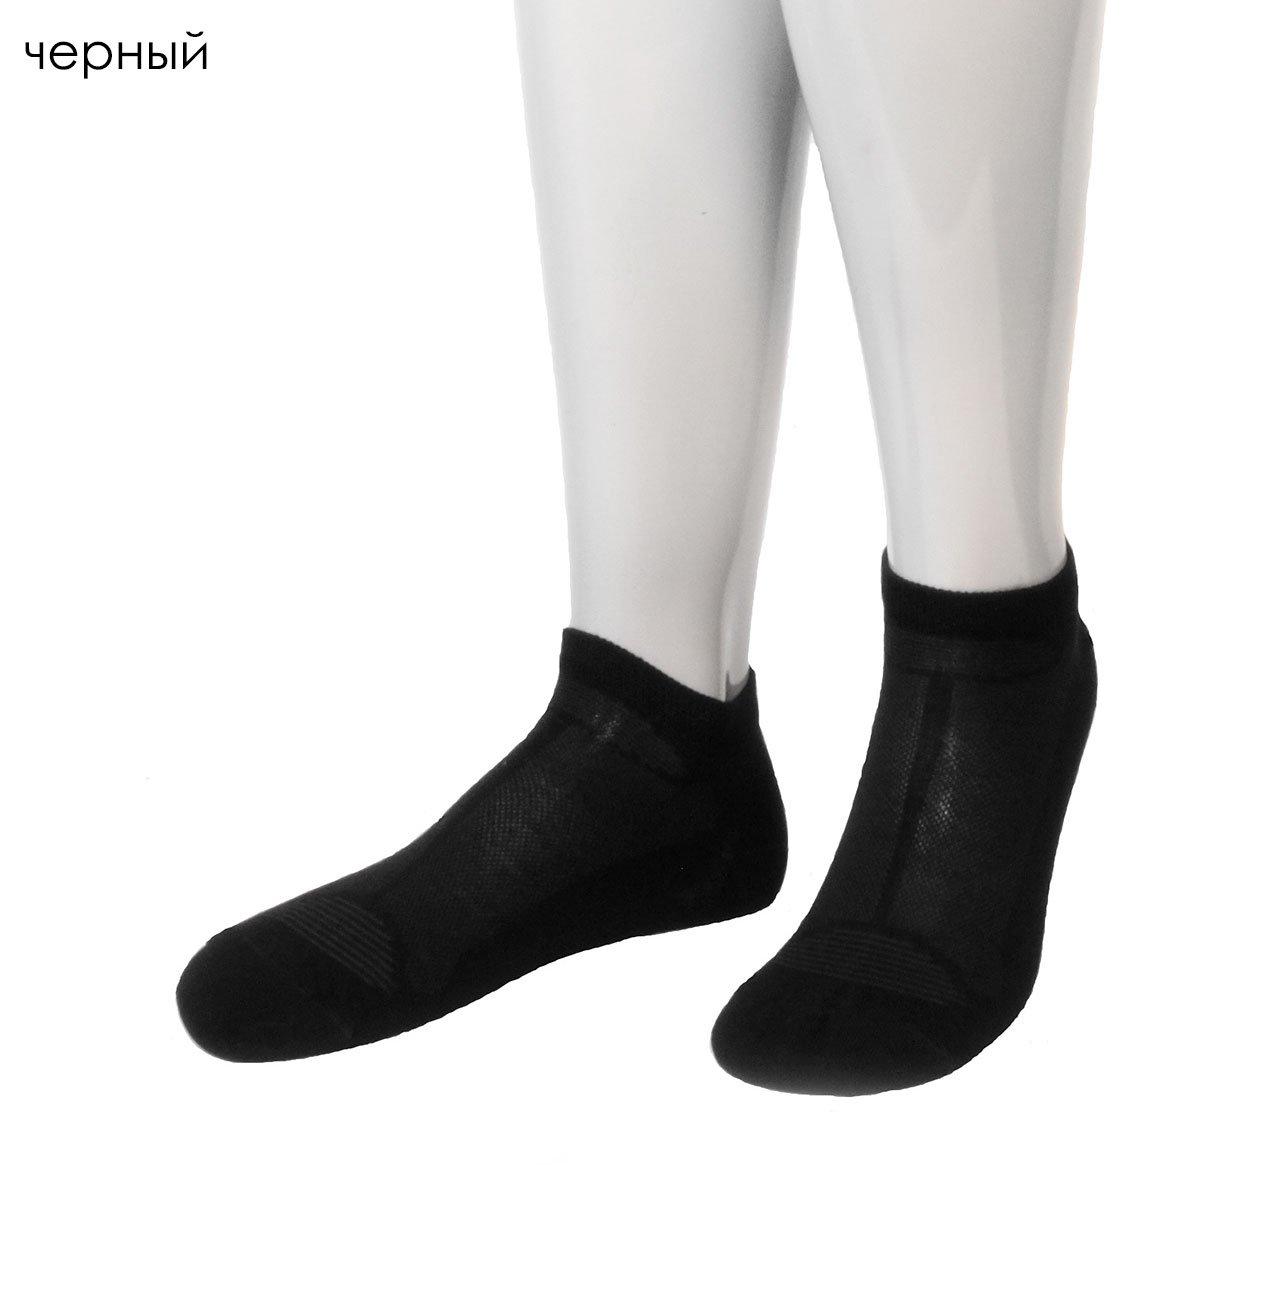 Мужские спортивные носки 15D33-1 Grinston